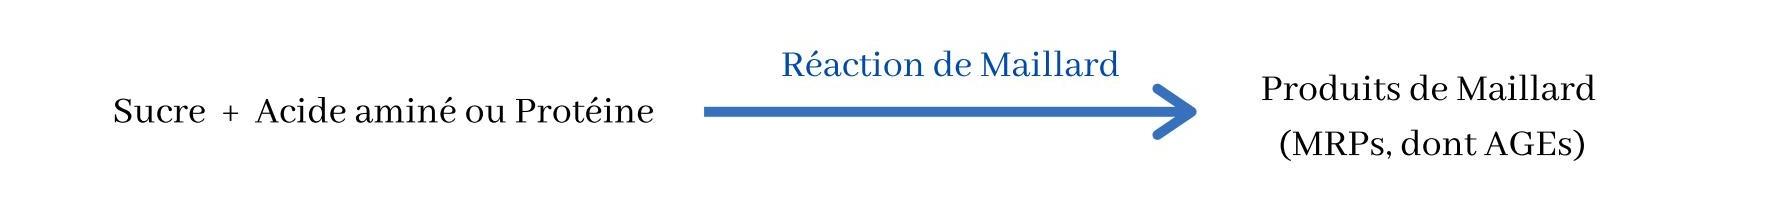 Réaction de Maillard